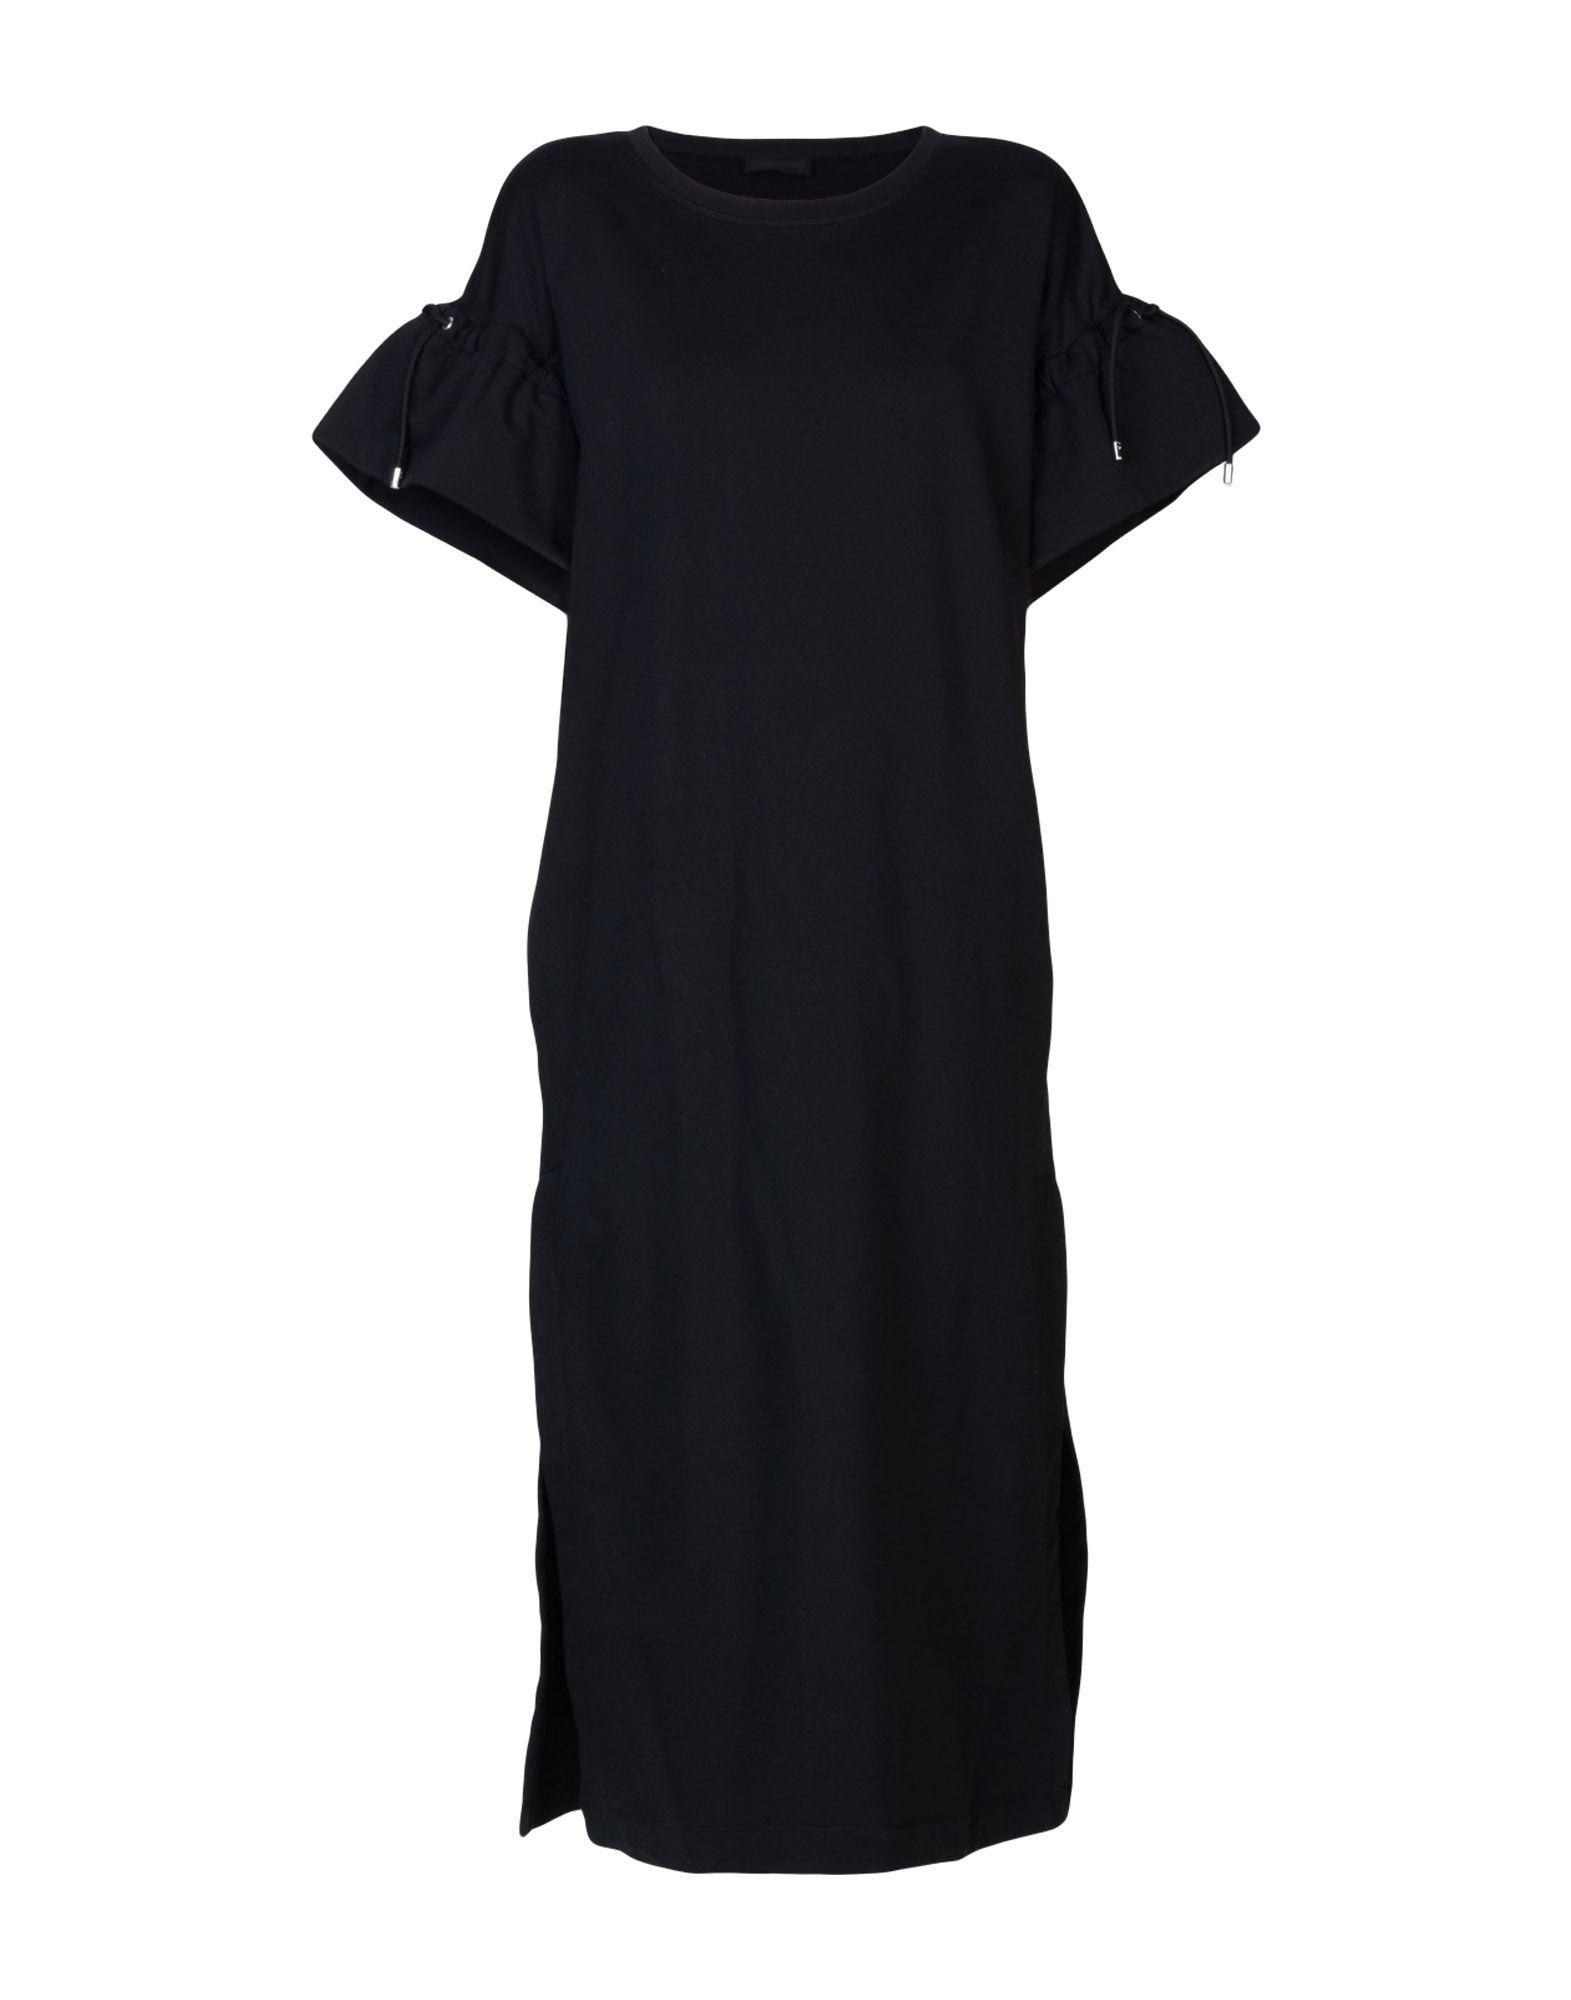 DIESEL BLACK GOLD Платье длиной 3/4 boss black платье длиной 3 4